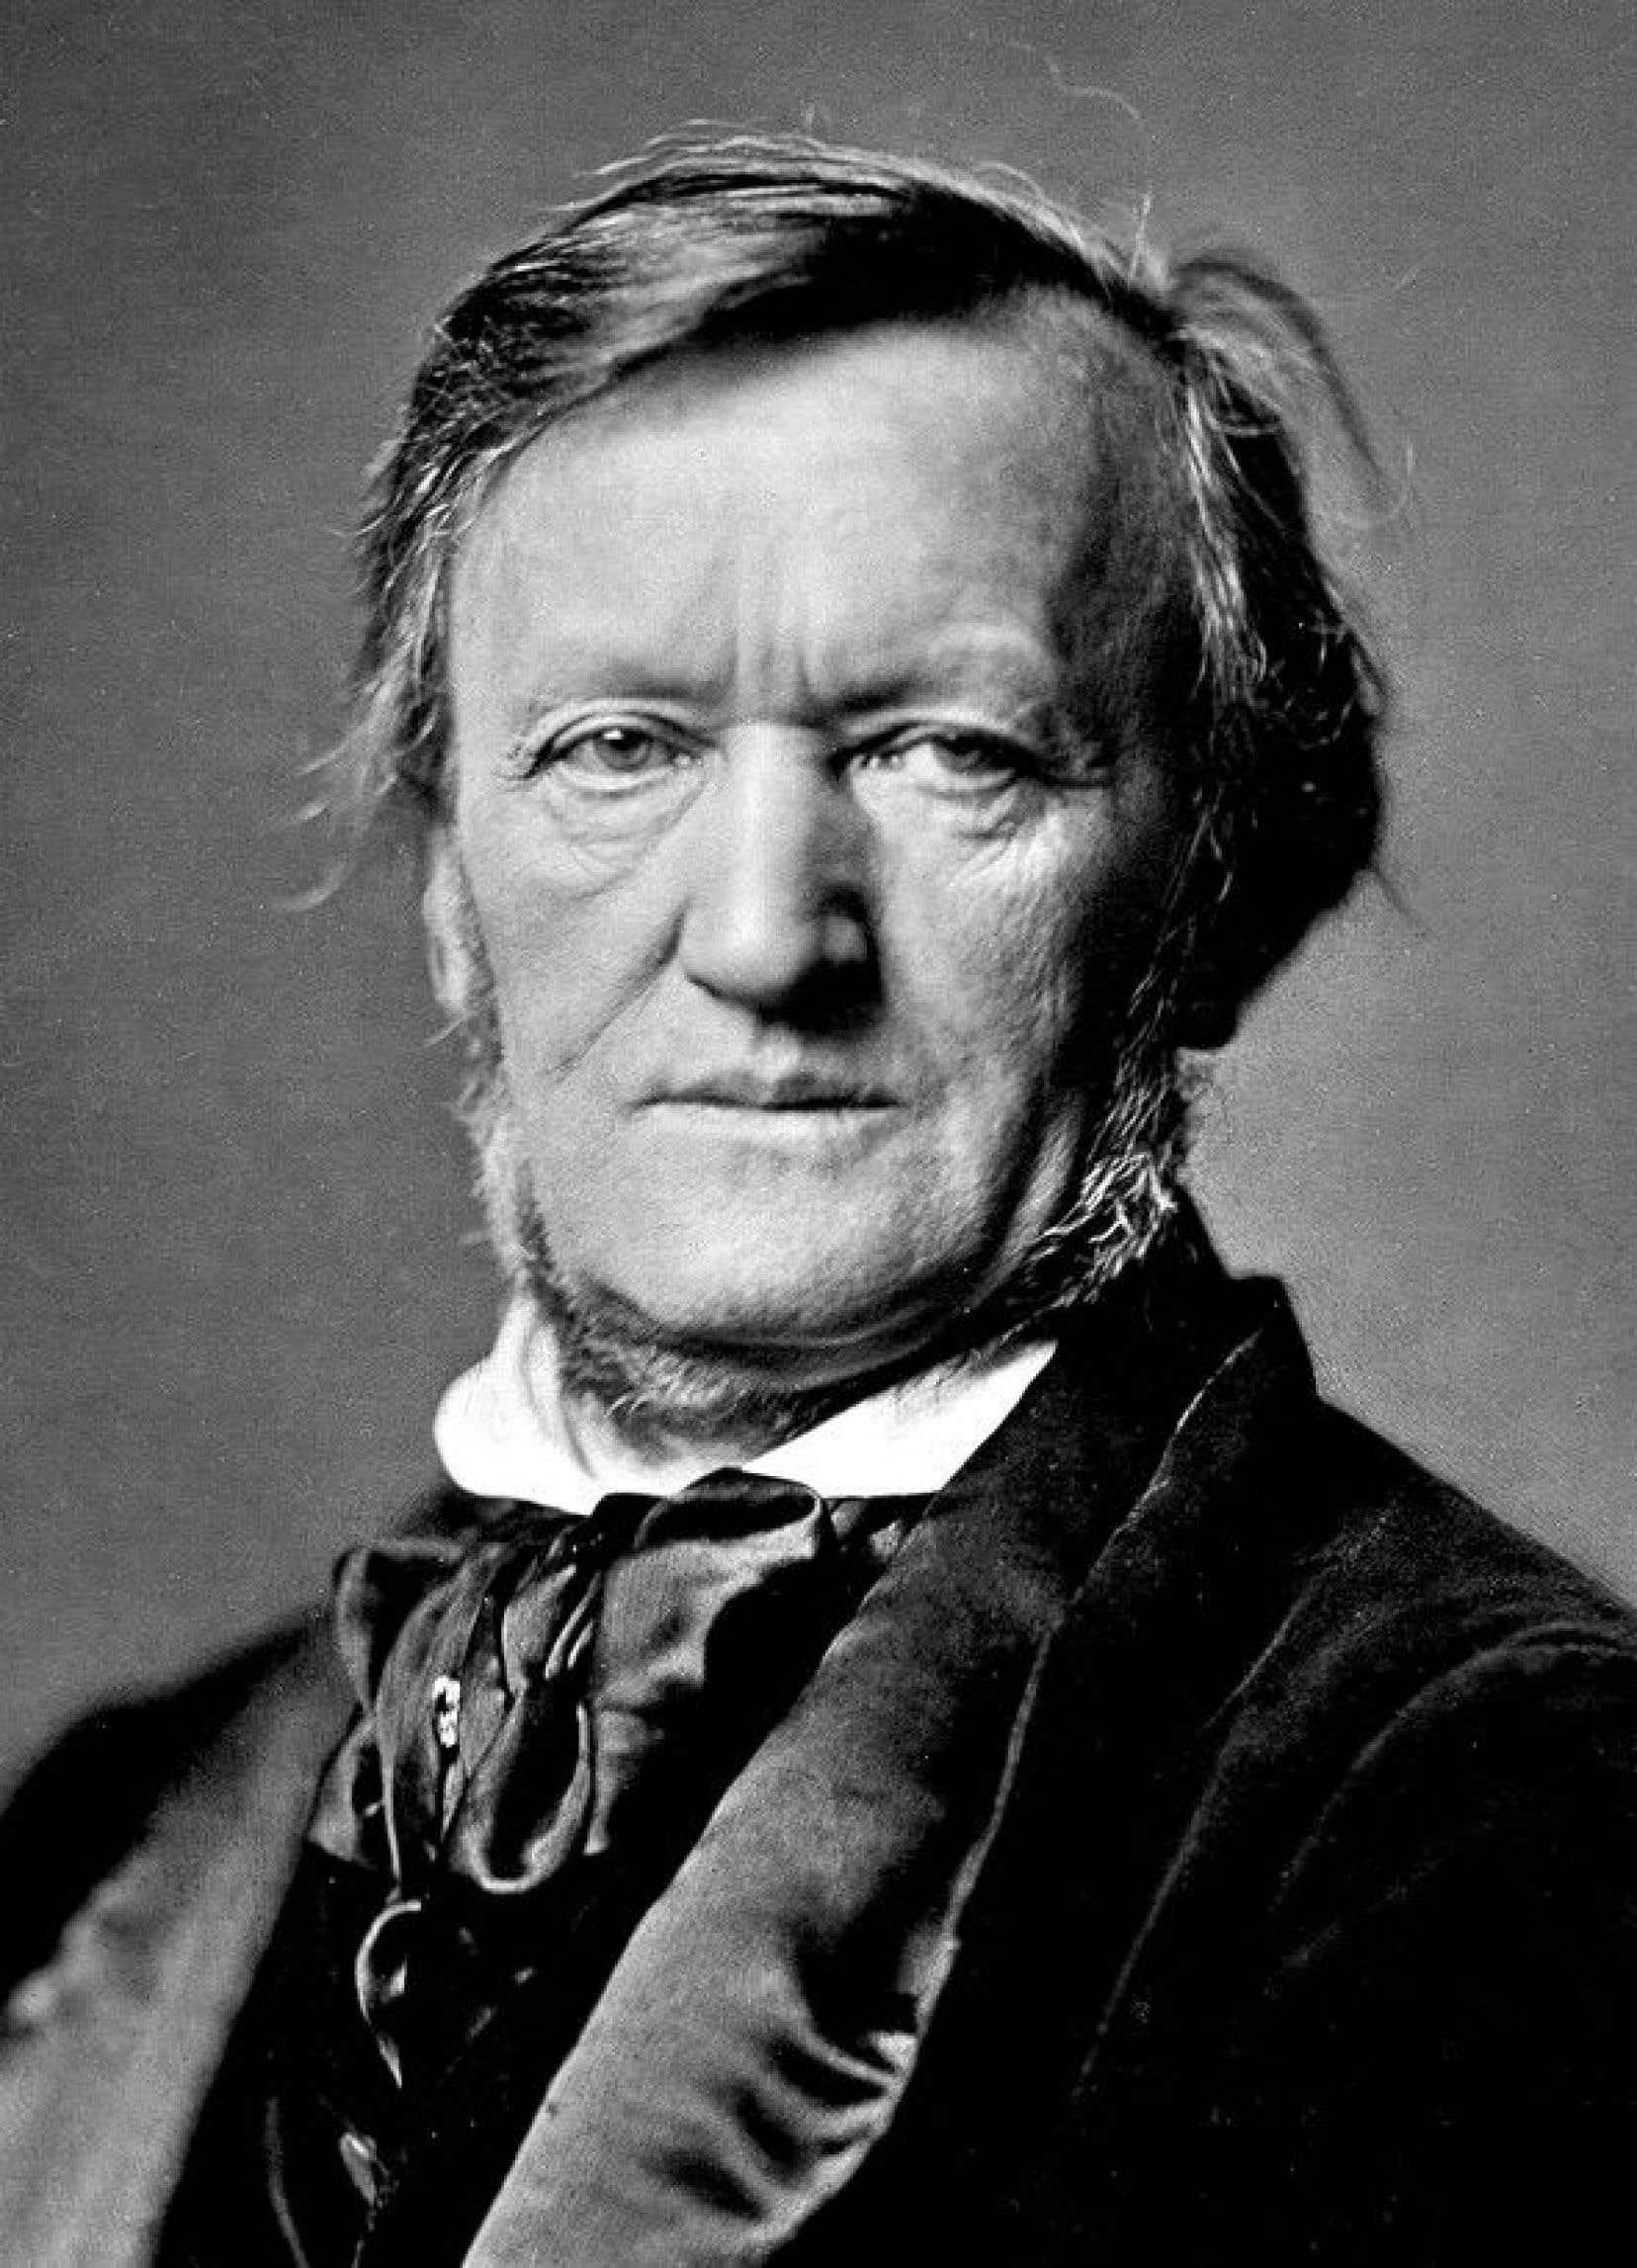 Ce n'est pas parce que Hitler était fasciné par Wagner que Wagner est une cause de la montée du nazisme.